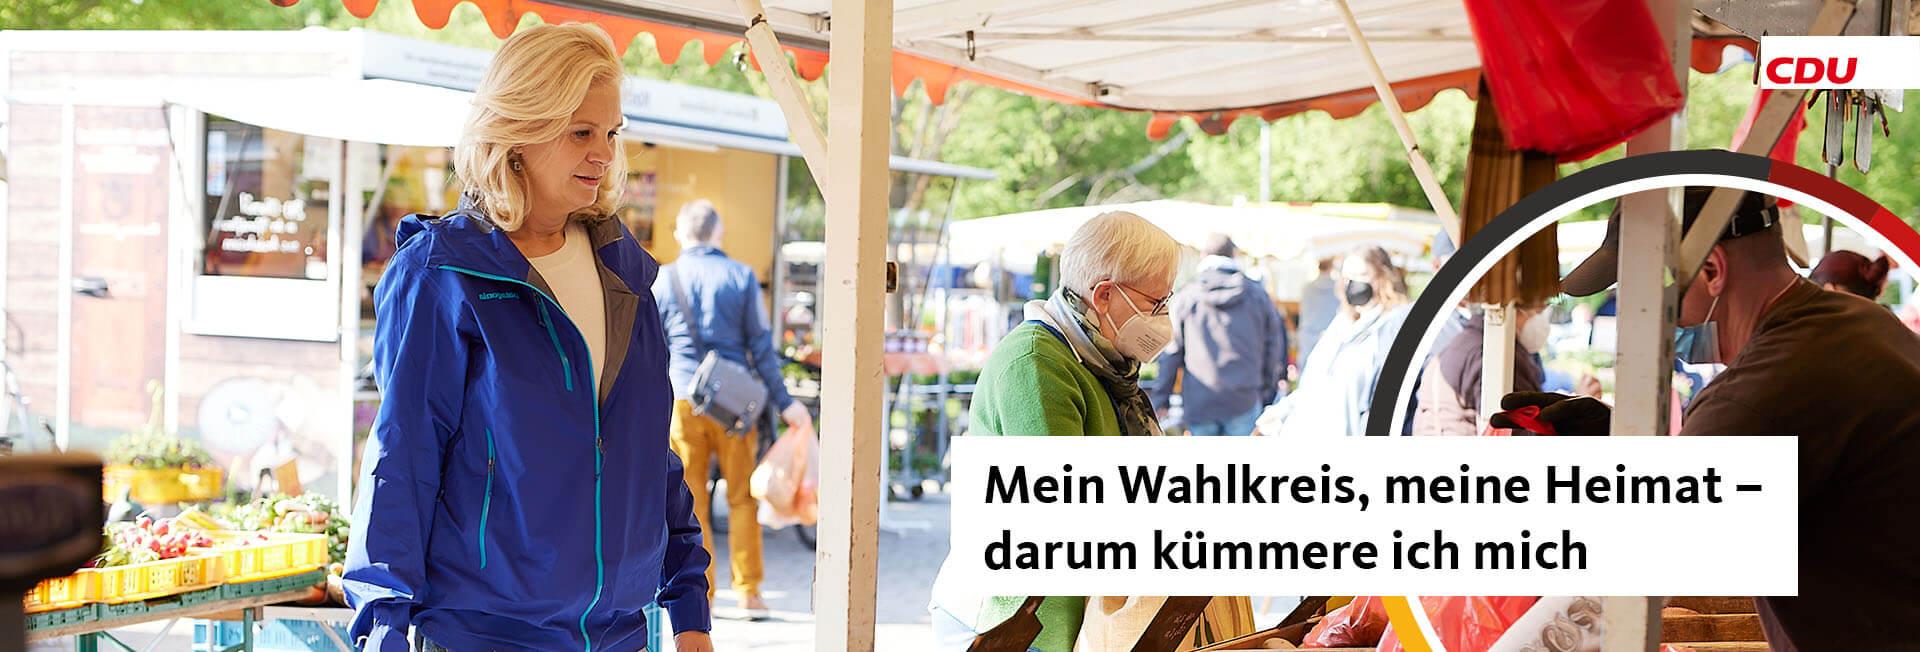 Saskia Ludwig - Mein Wahlkreis